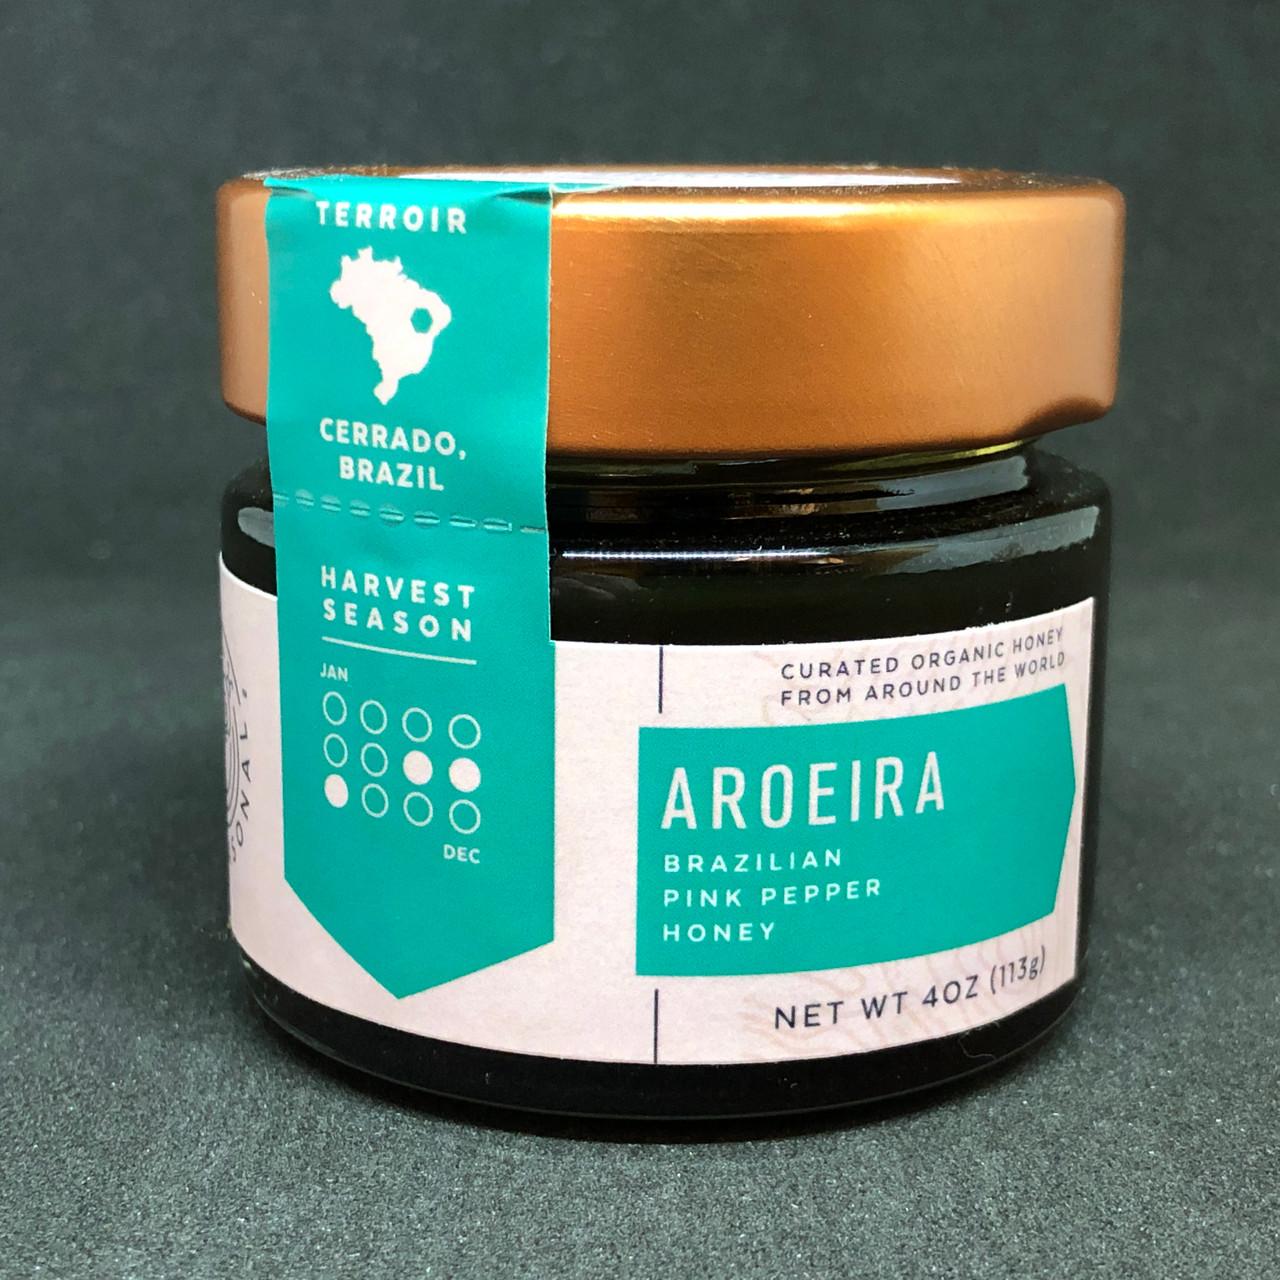 Aroeira Honey